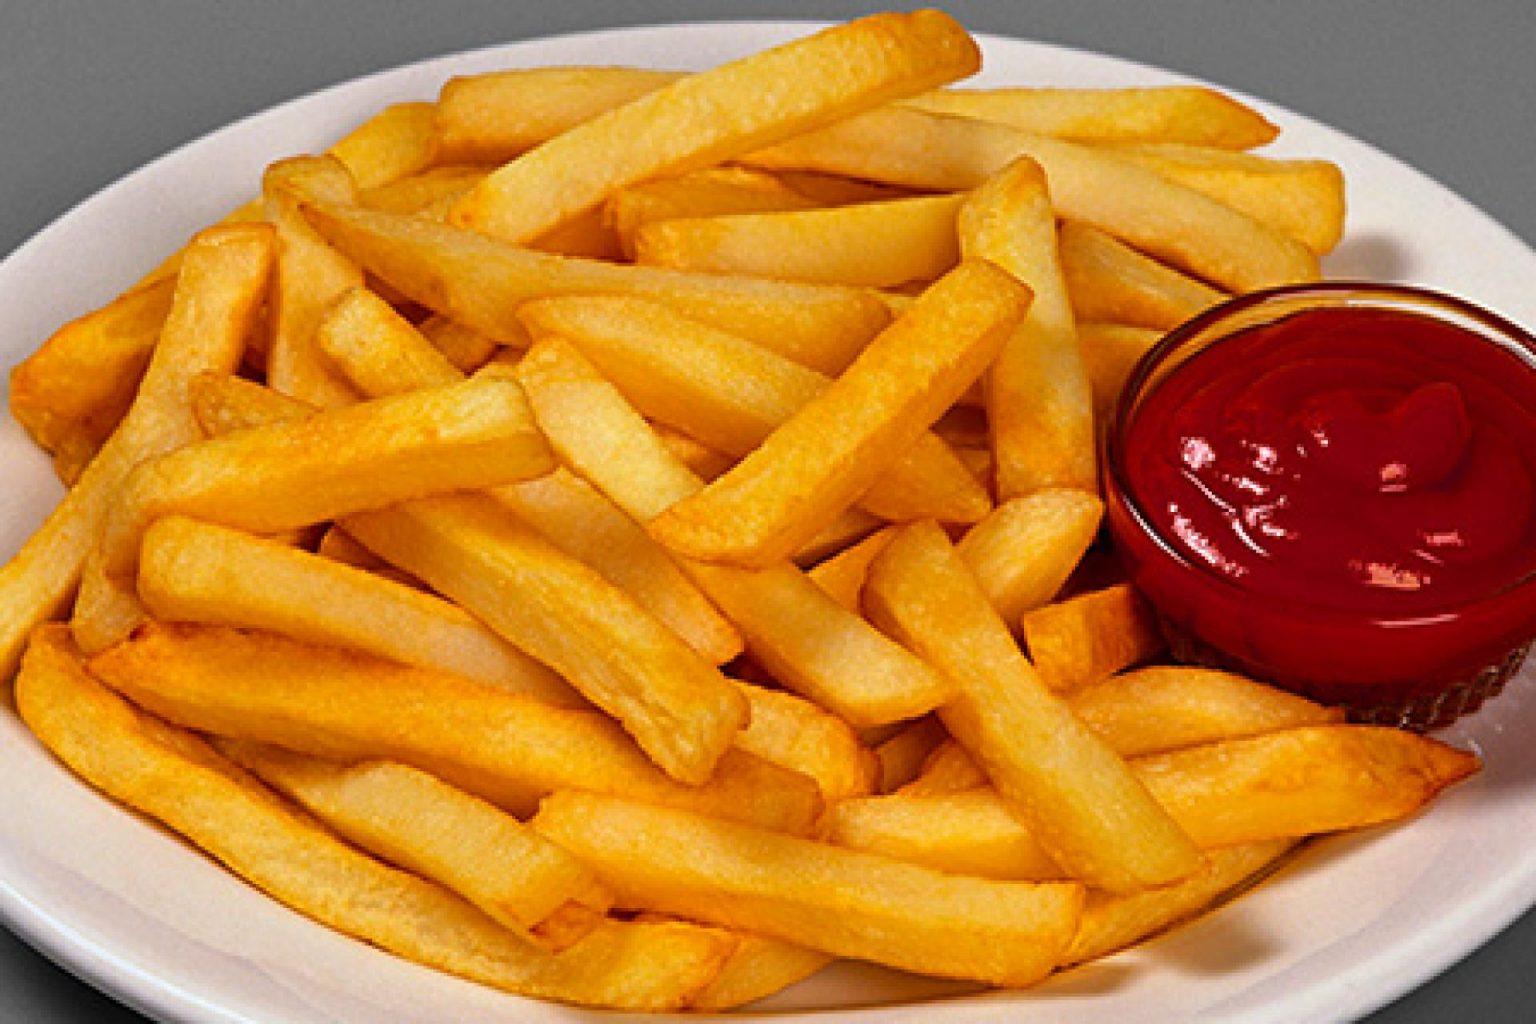 Складно повірити,правда?!Хрустка картопля фрі без краплі жиру.